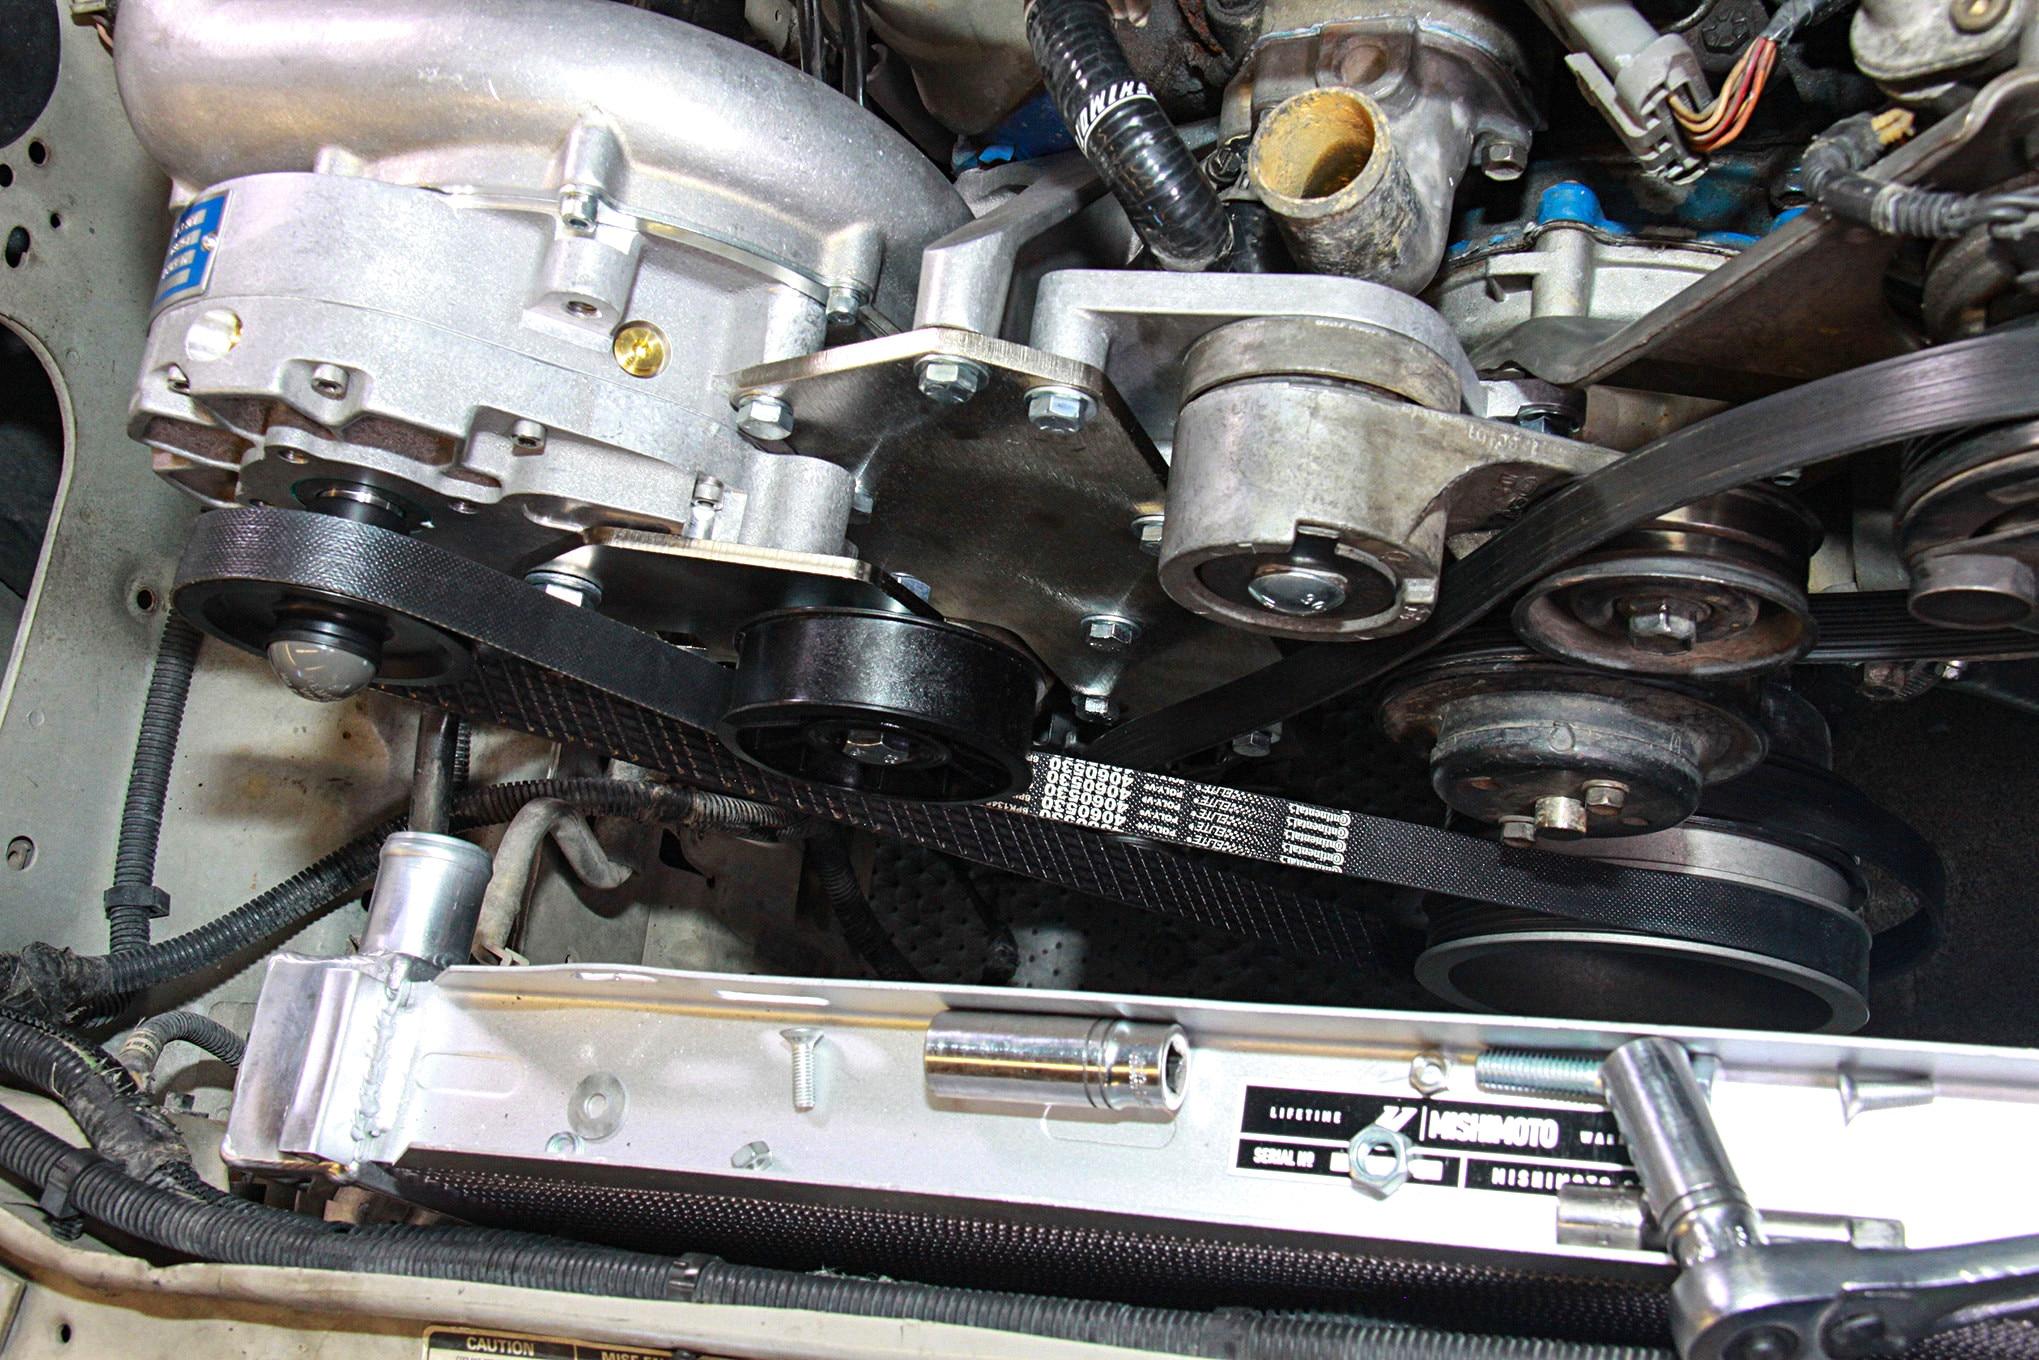 017 Vortech Supercharger Mustang Belt